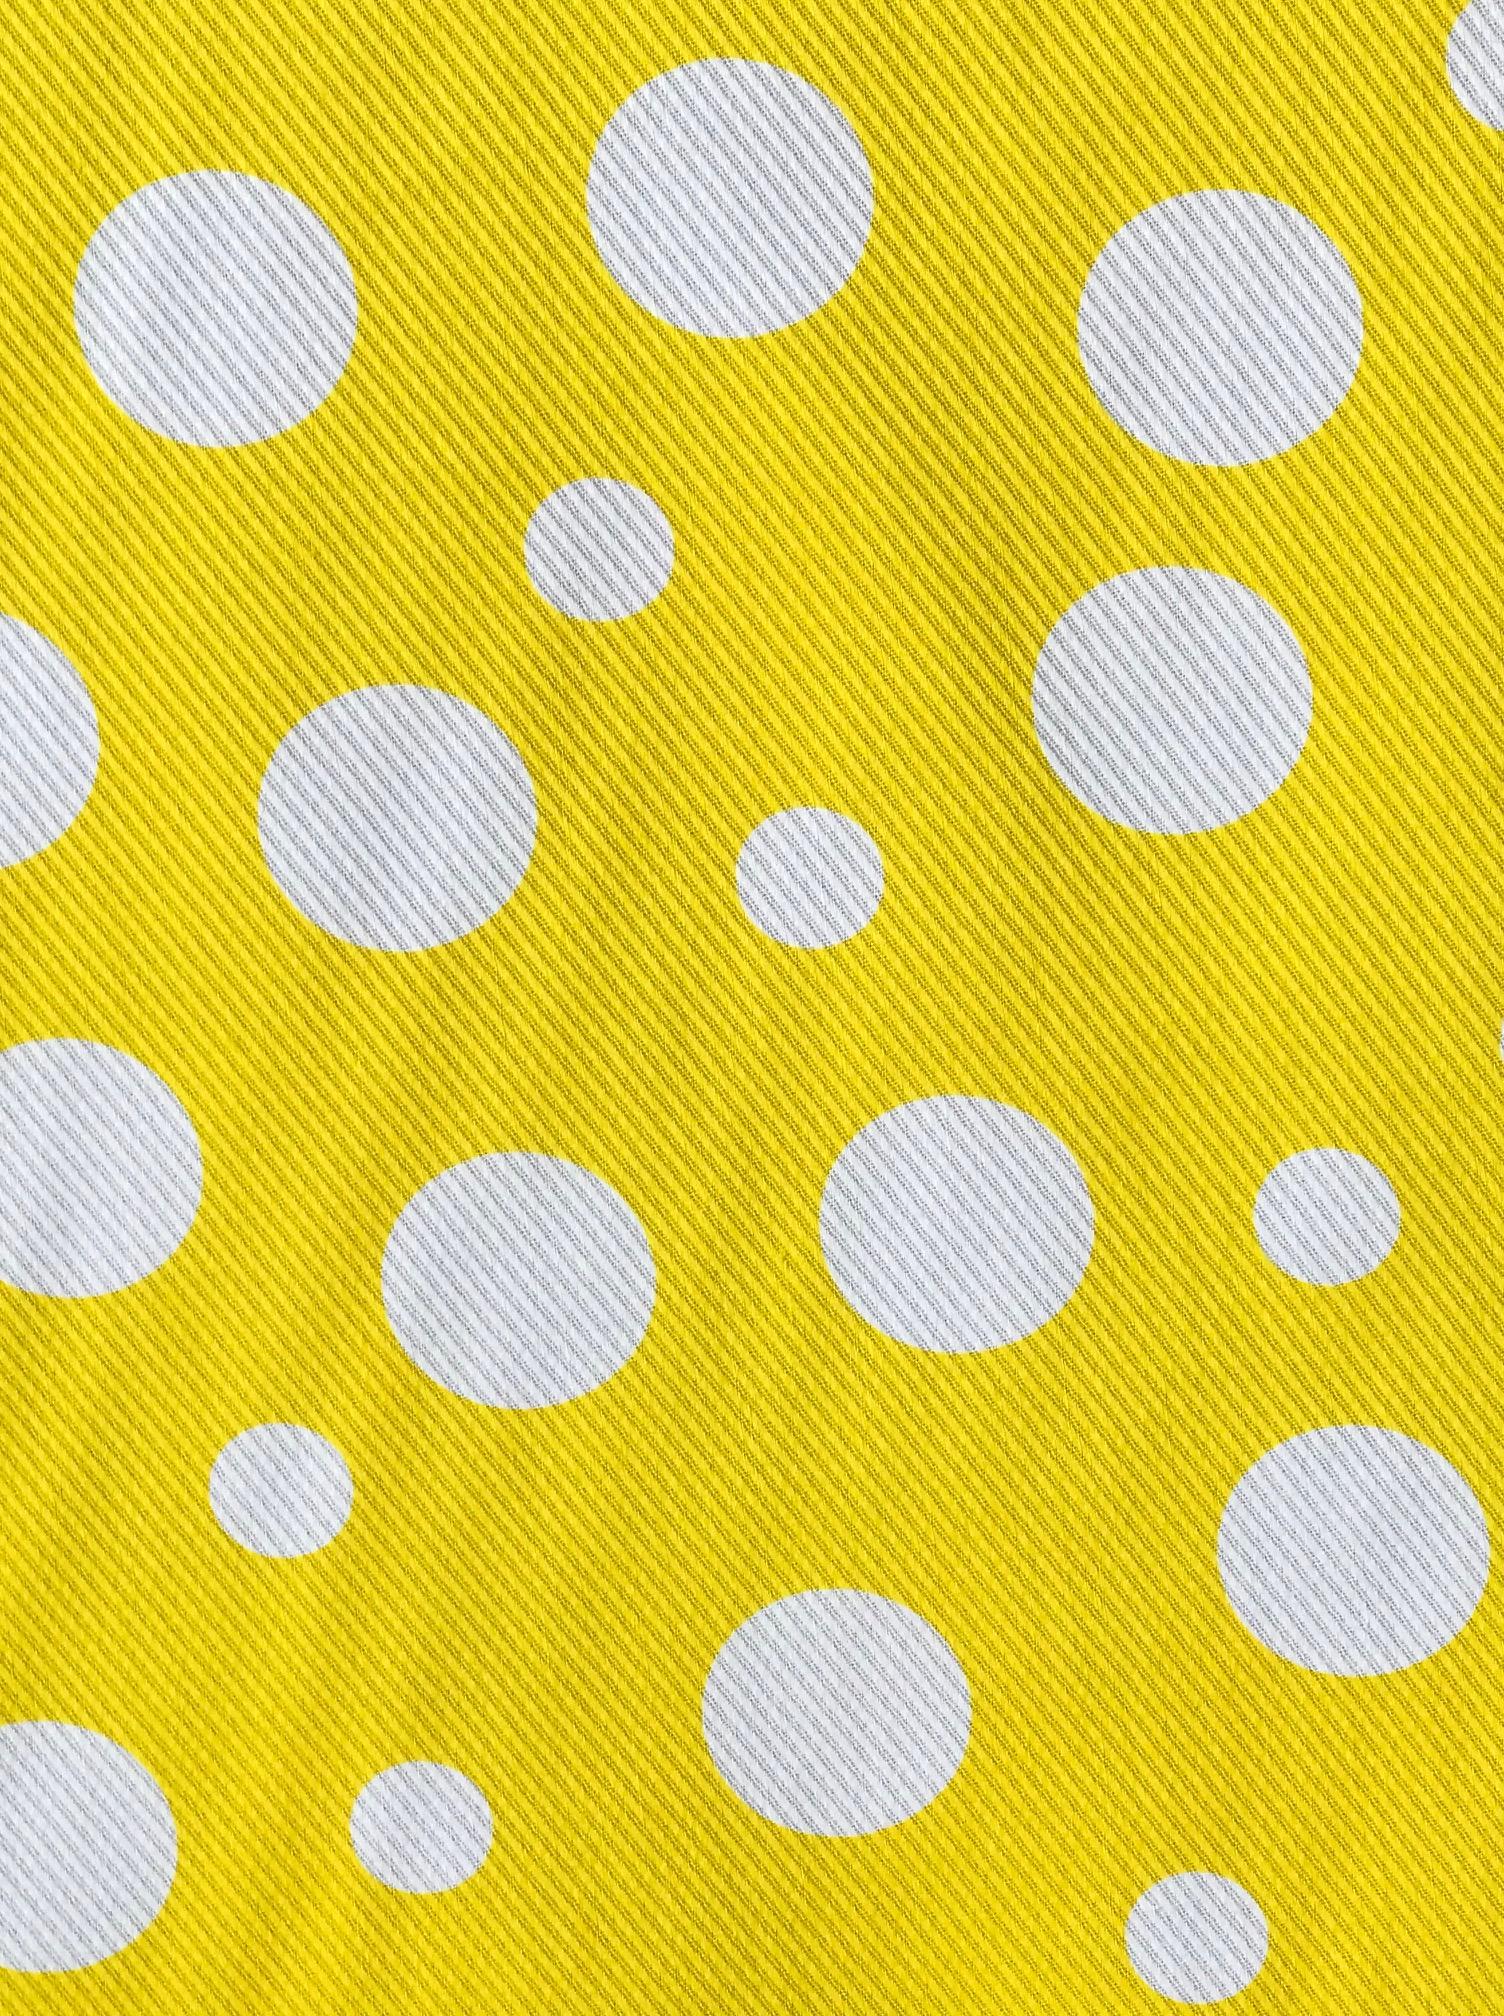 cotton pique spots fabric